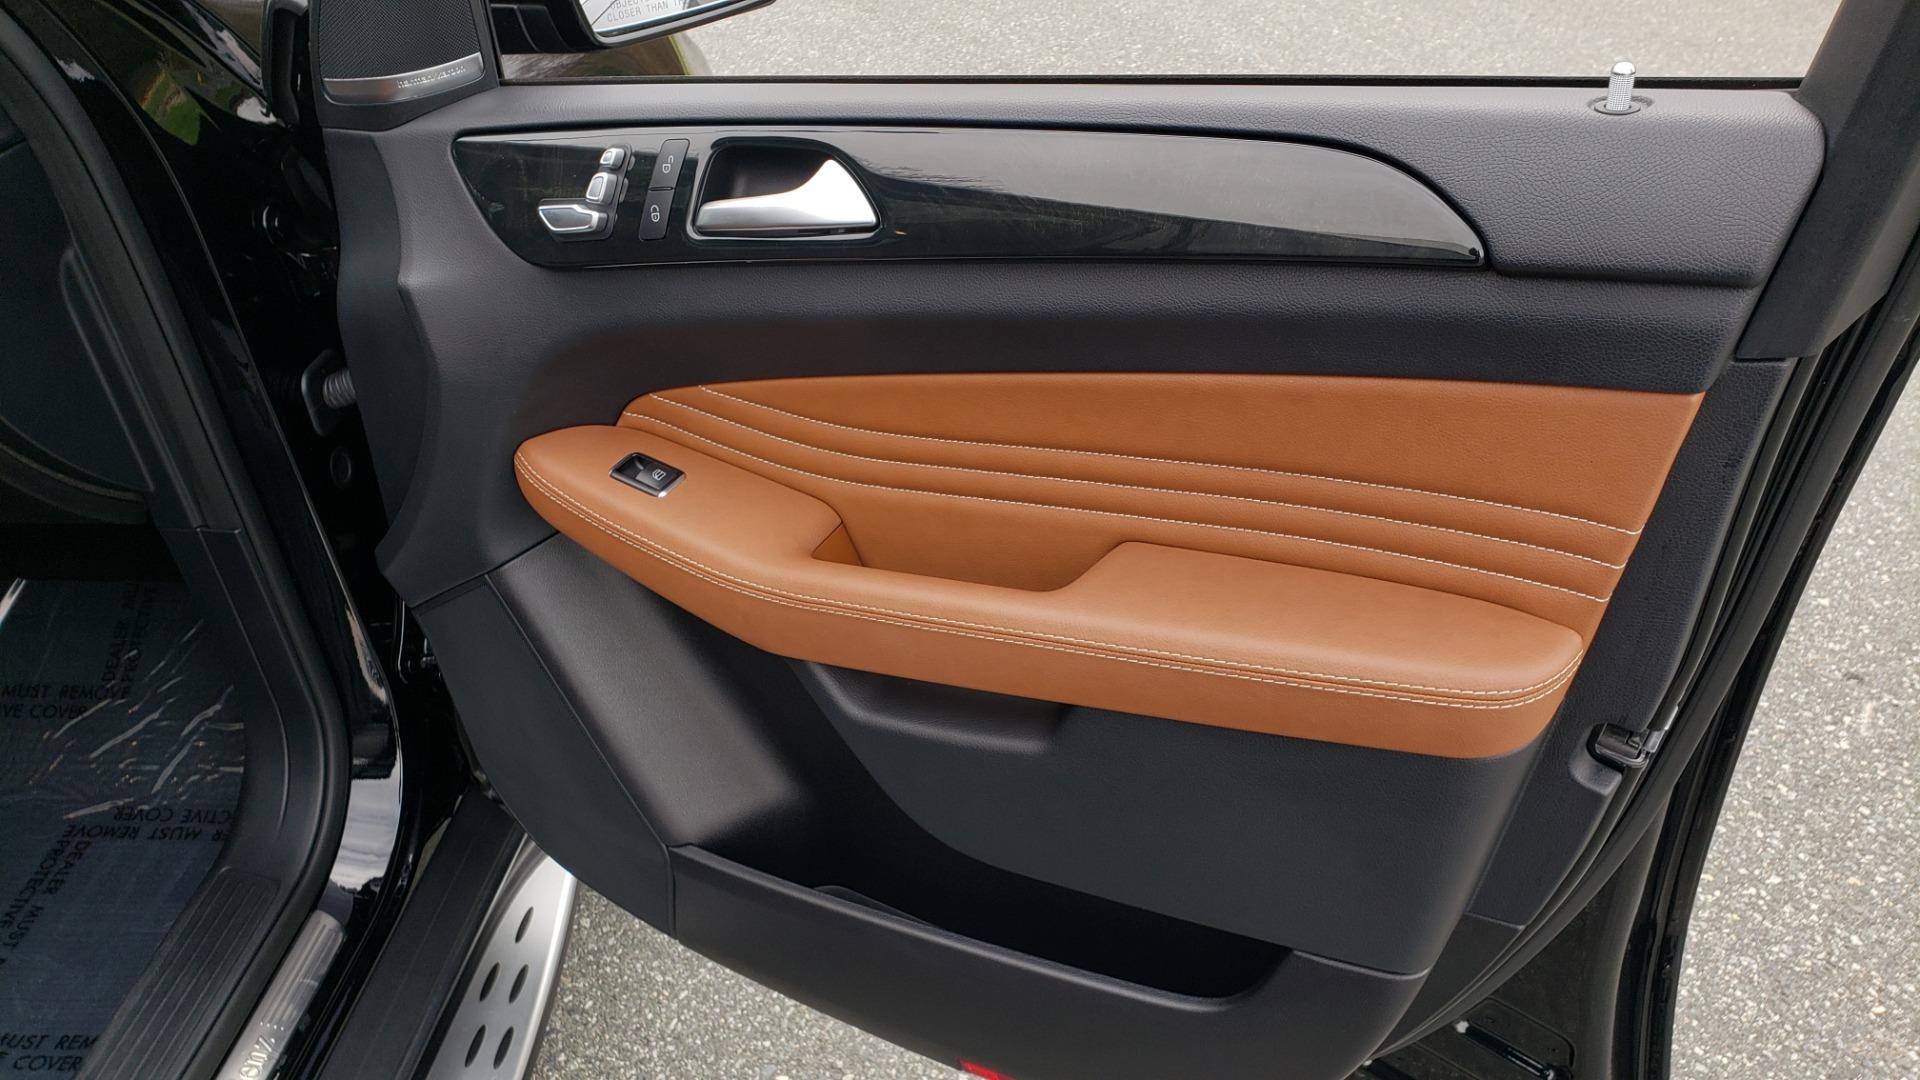 Used 2016 Mercedes-Benz GLE 450 AMG / AWD / PREM PKG / PARK ASST / DRVR ASST / SUNROOF for sale Sold at Formula Imports in Charlotte NC 28227 70